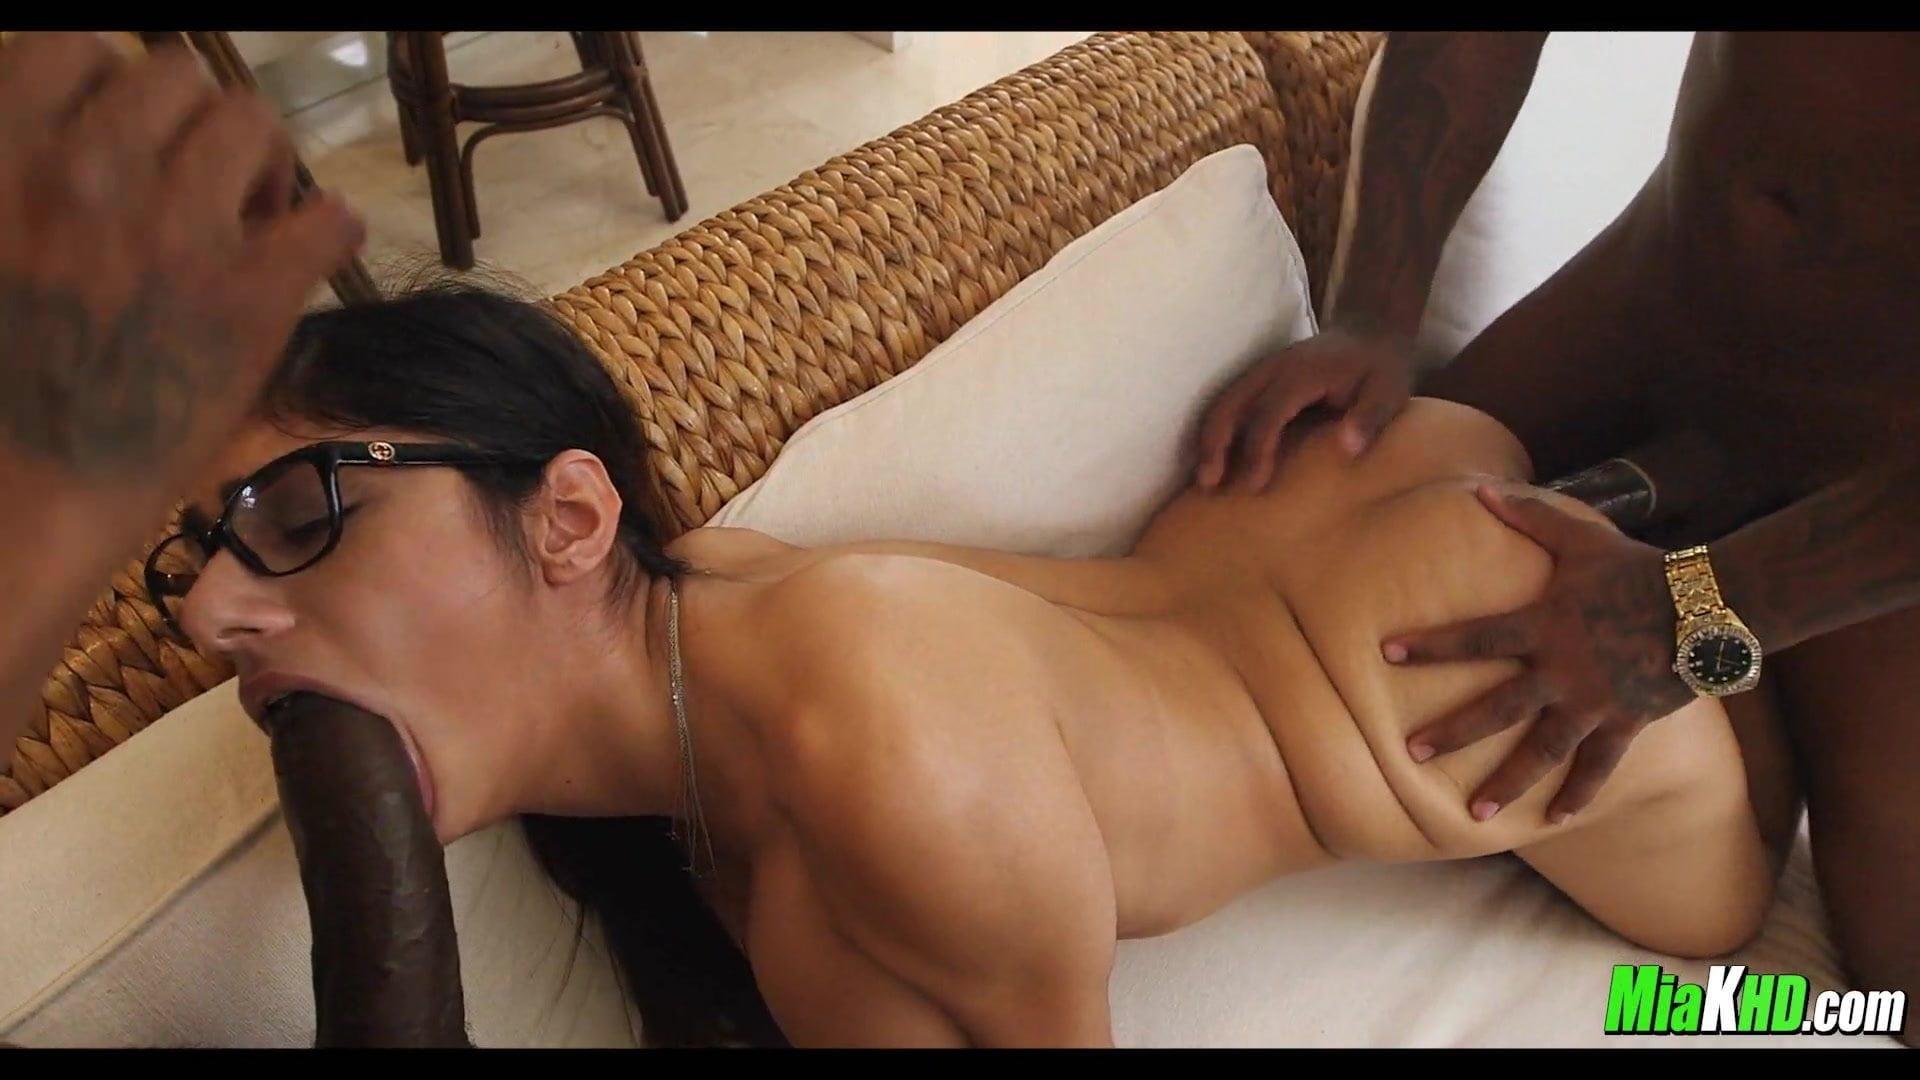 Mia khalifa interracial porn